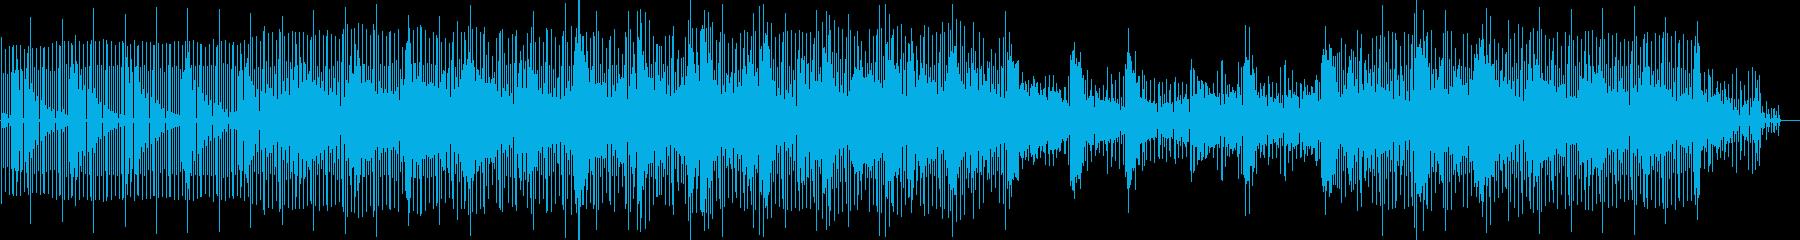 静かな緊張感をはらんだミニマルテクノの再生済みの波形